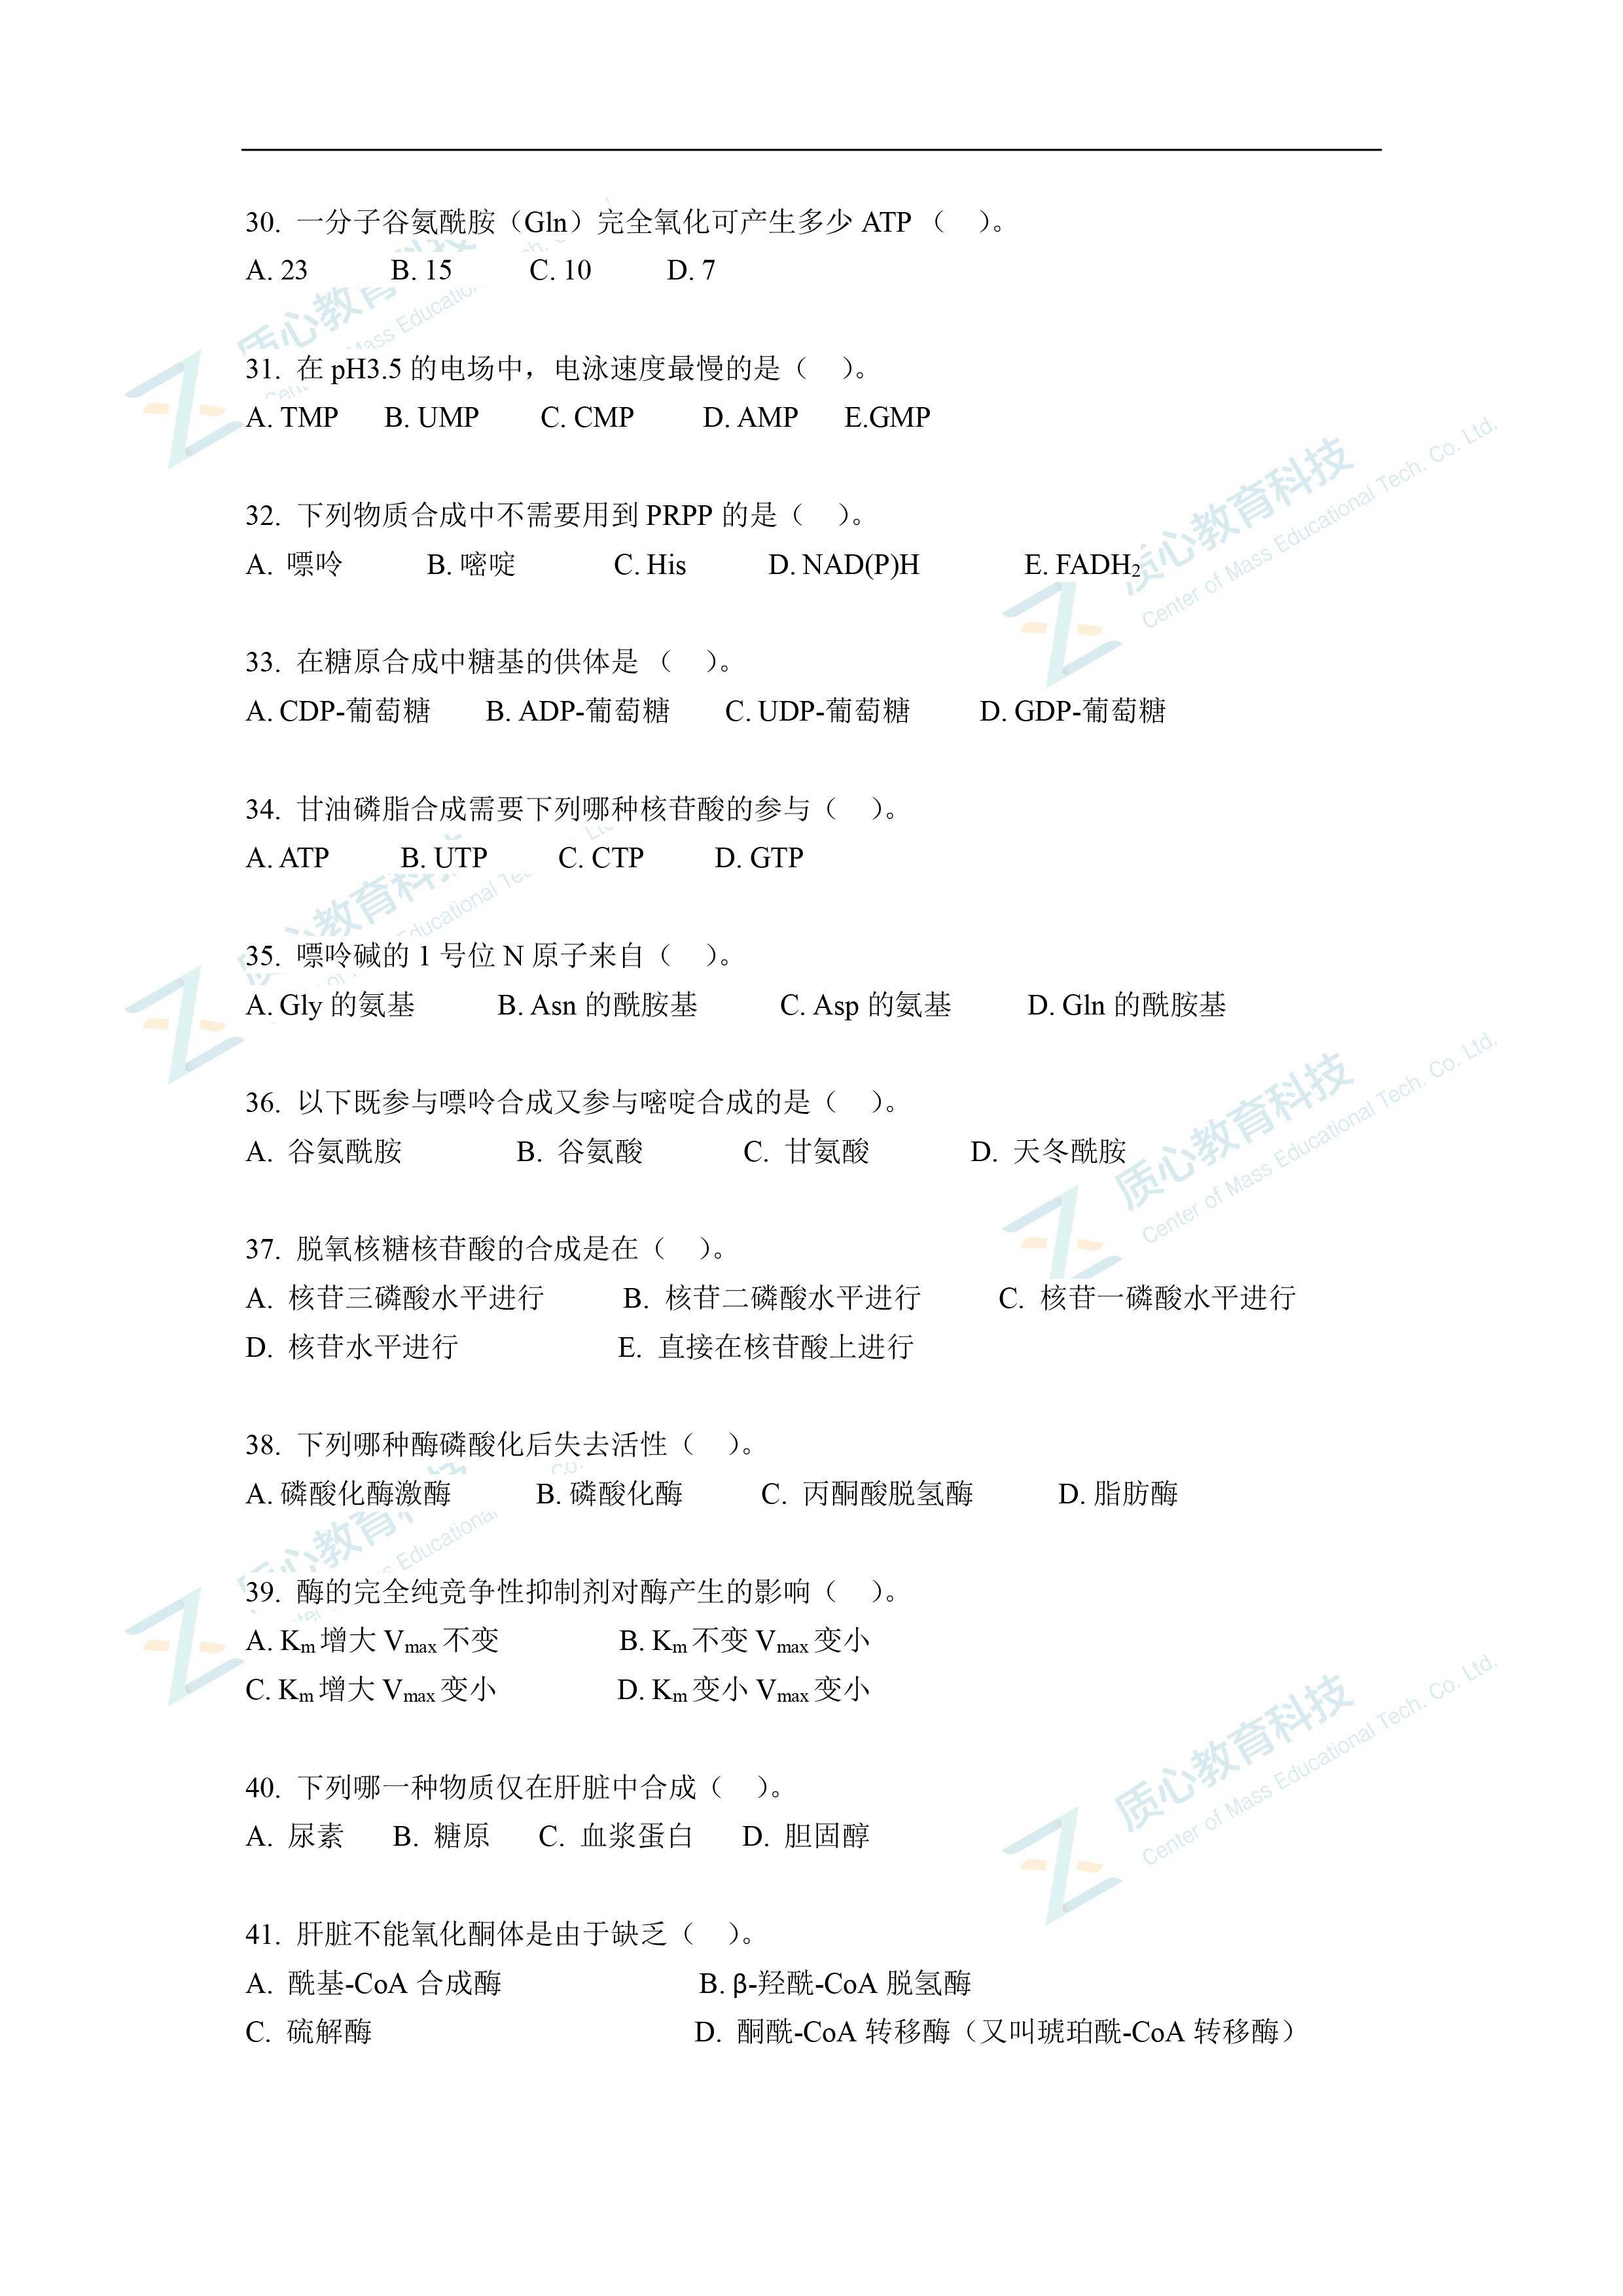 02-2015清华金秋营笔试模拟题-4